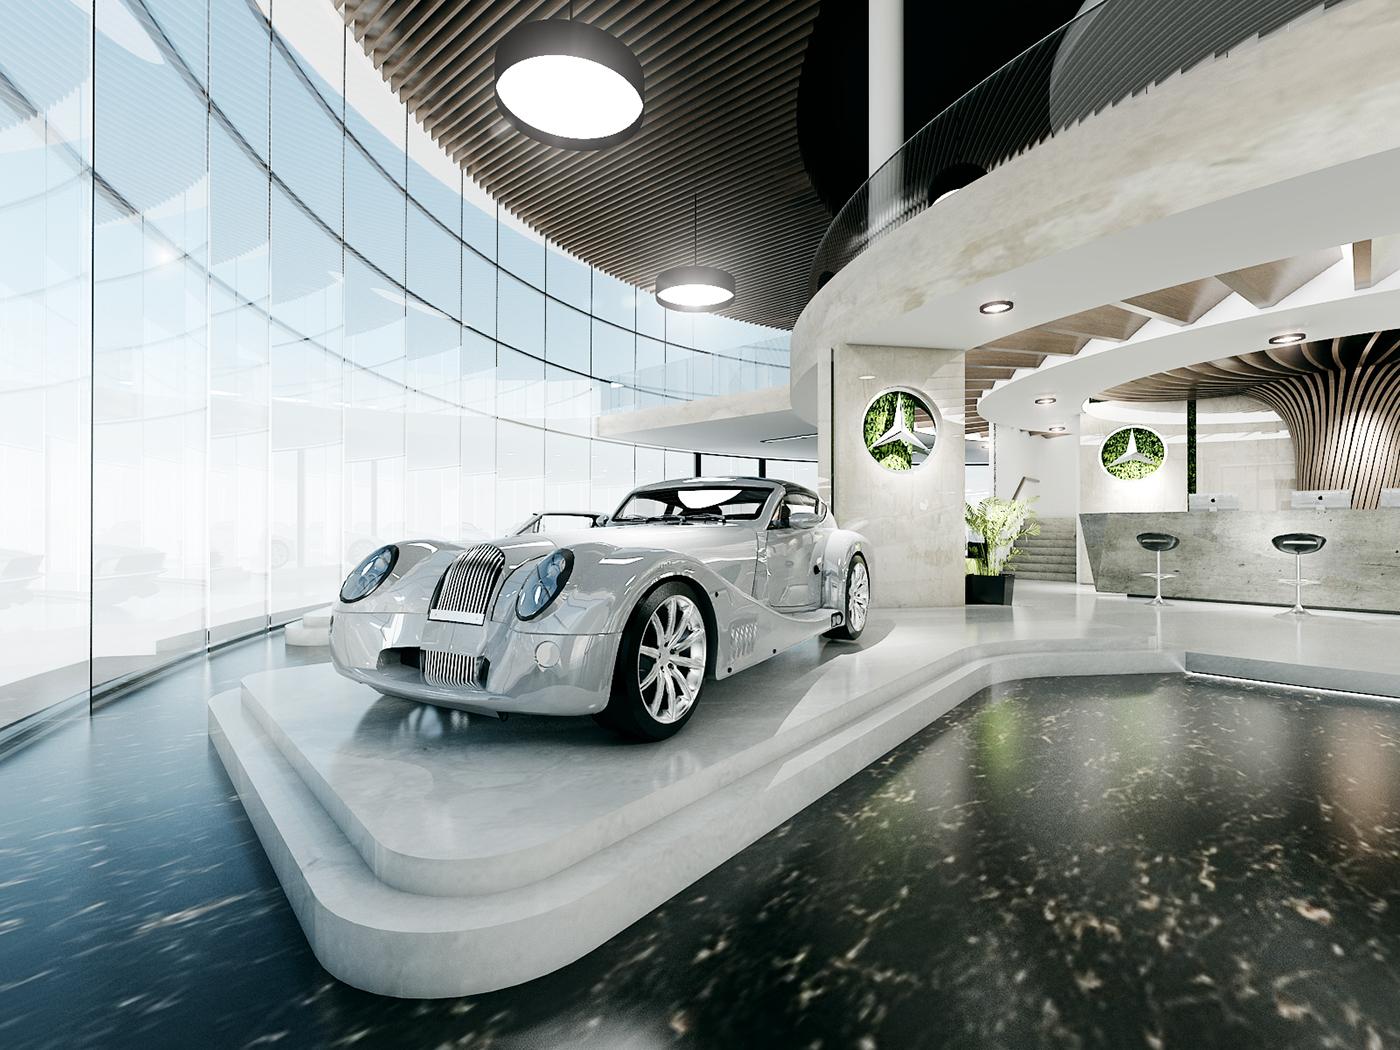 thiết kế nội thất Showroom tại Đà Nẵng THIẾT KẾ SHOWROOM TRƯNG BÀY XE MERCEDES - TP ĐÀ NẴNG 5 1534150430